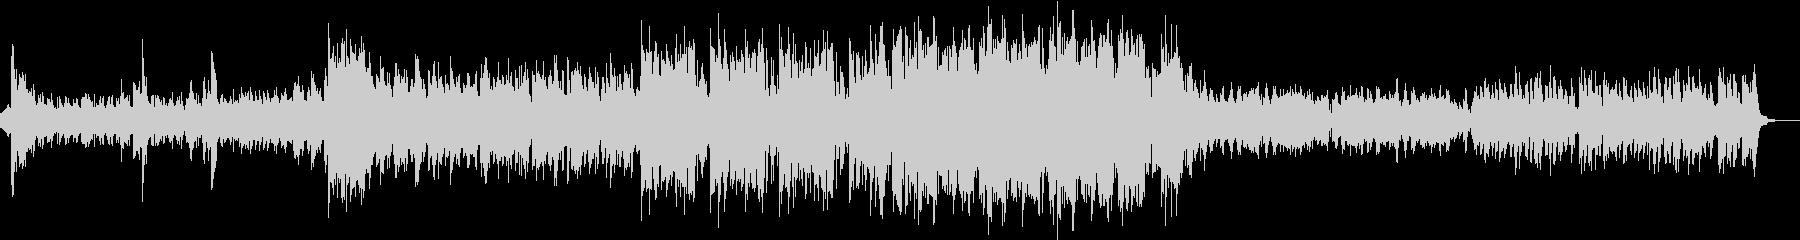 シンプルなバンド編成の曲の未再生の波形